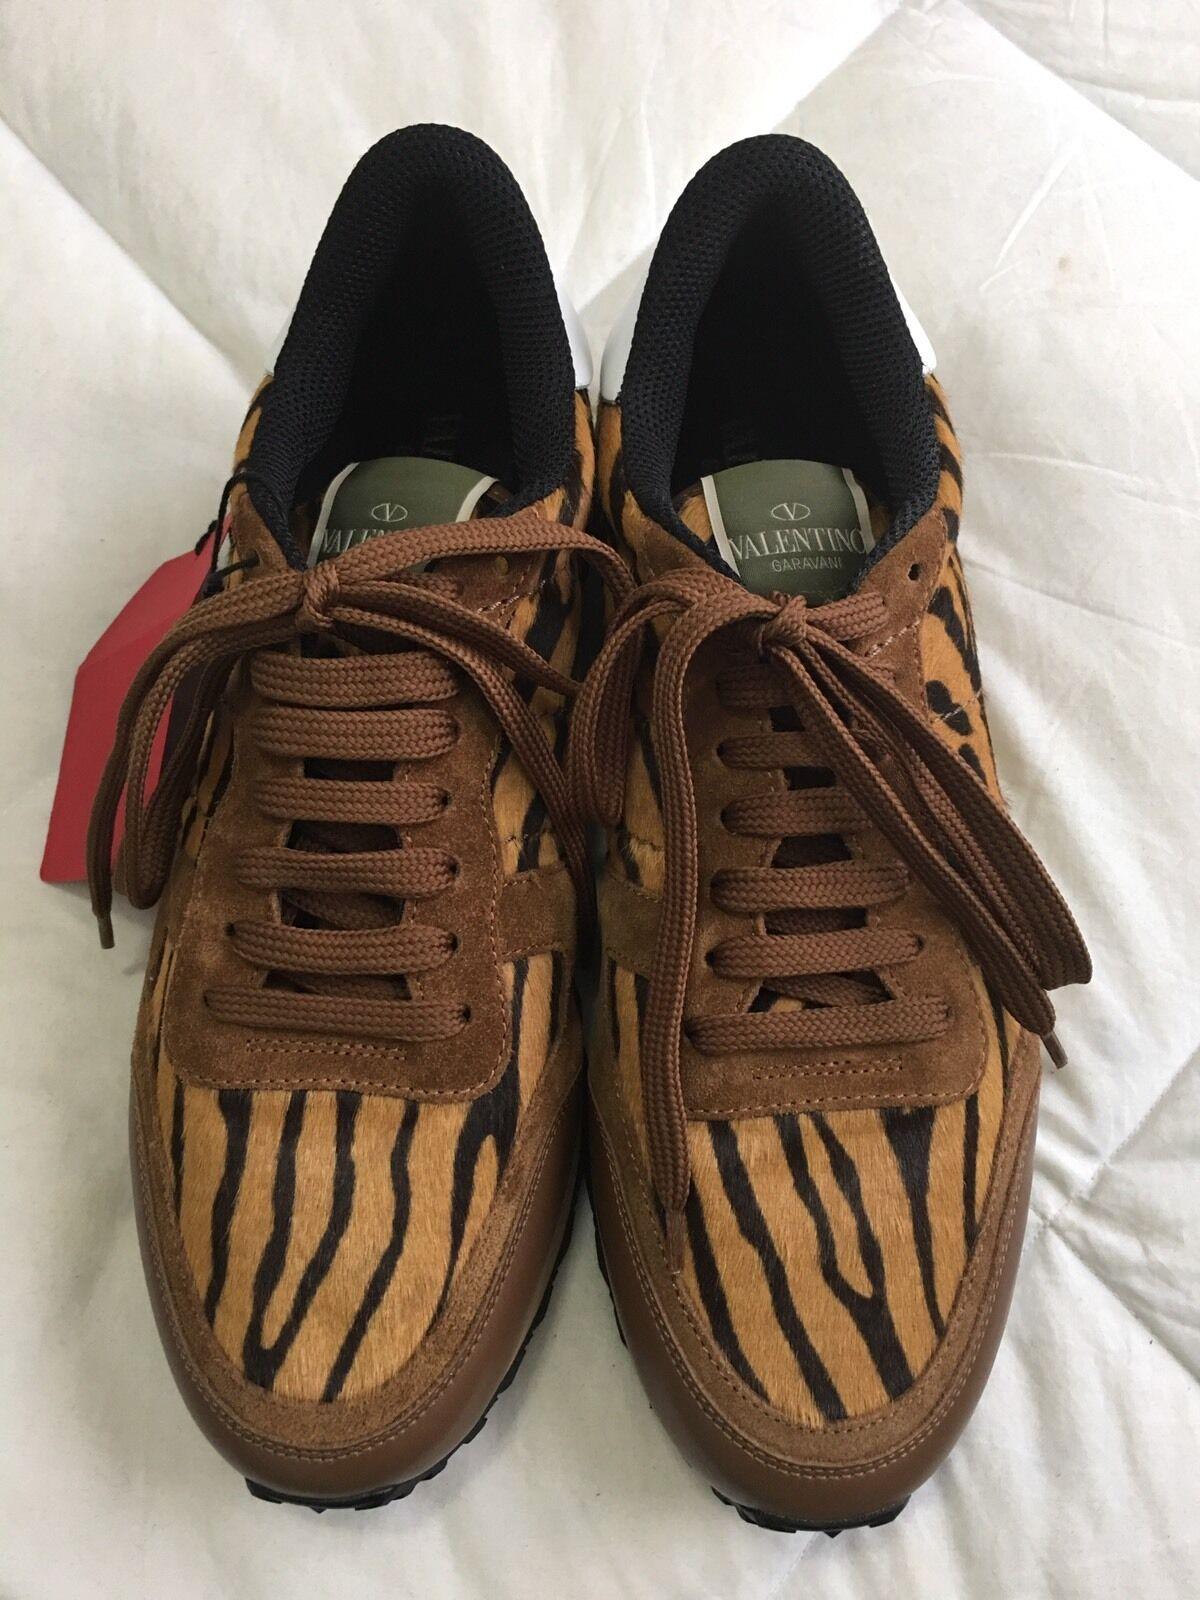 NEW Valentino Garavani Tiger Print Calf Hair Rock Runner Sneakers  41  1195